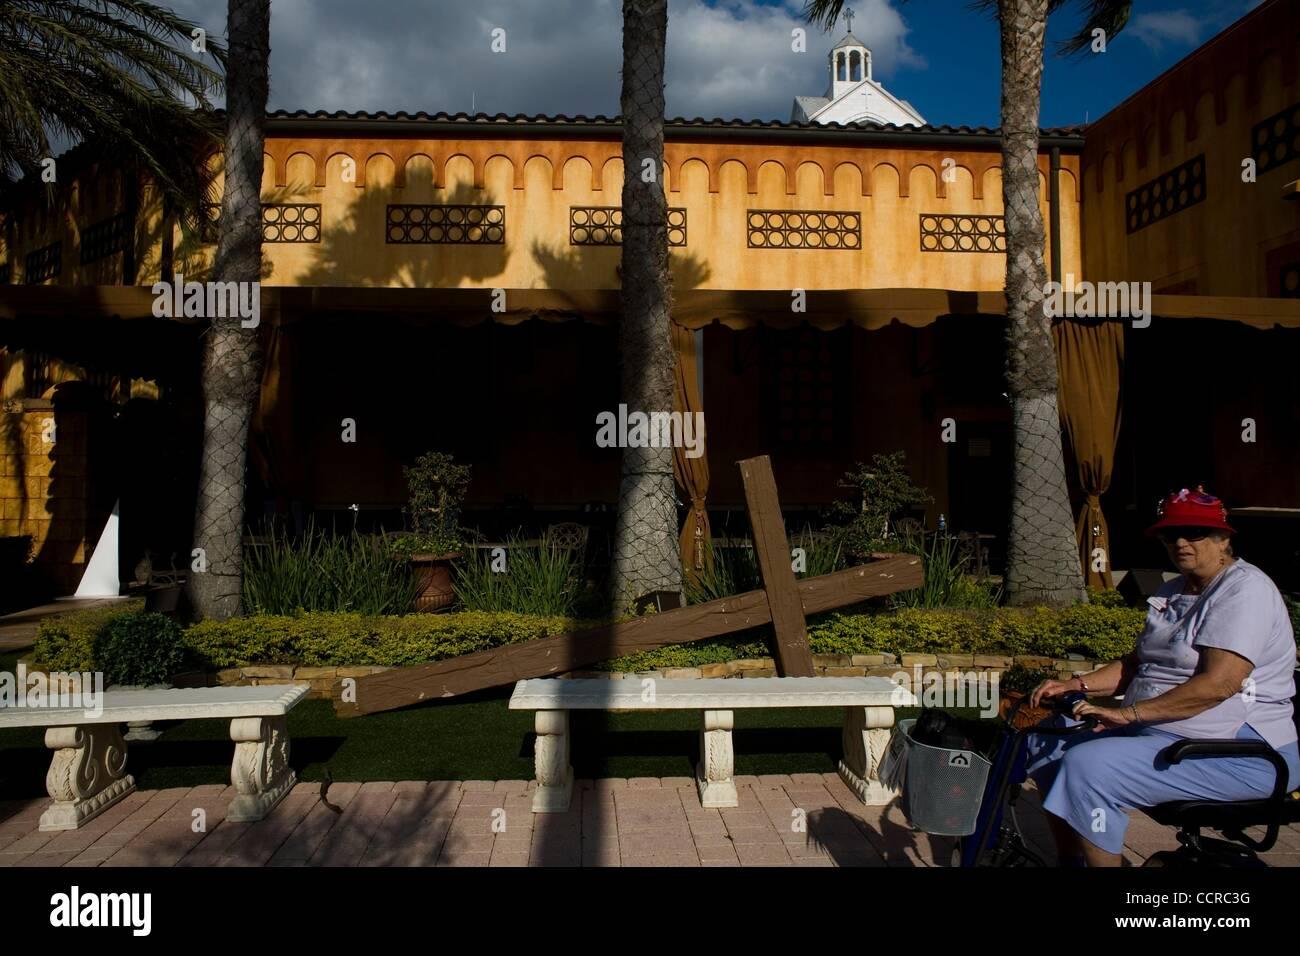 Mar 29, 2010 - Orlando, Florida, U S  - What Would Jesus Do